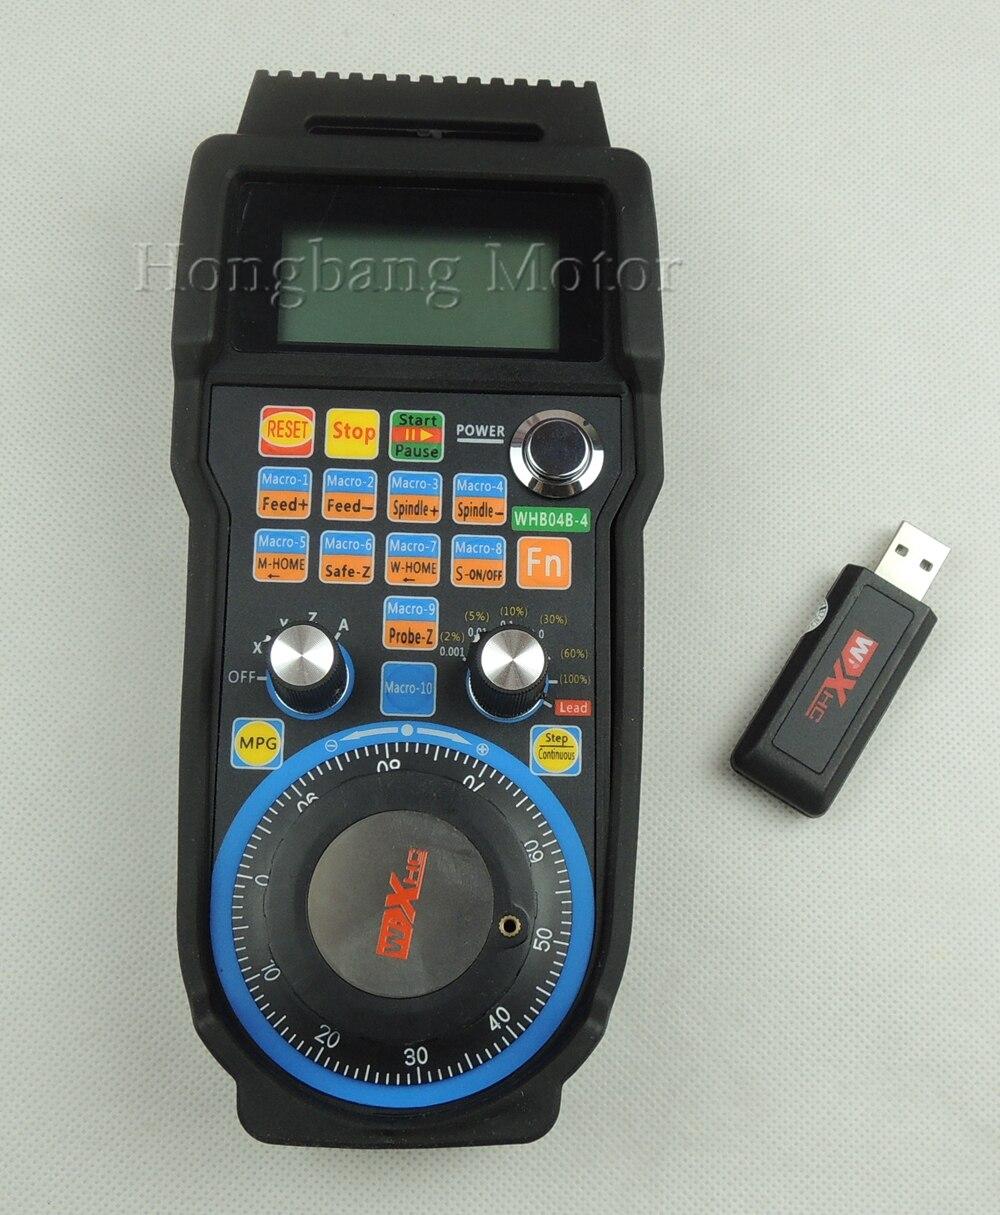 Gravur maschine fernbedienung handrad mach3 MPG USB wireless hand rad für CNC 3 achsen 4 achsen controller fräsen maschine